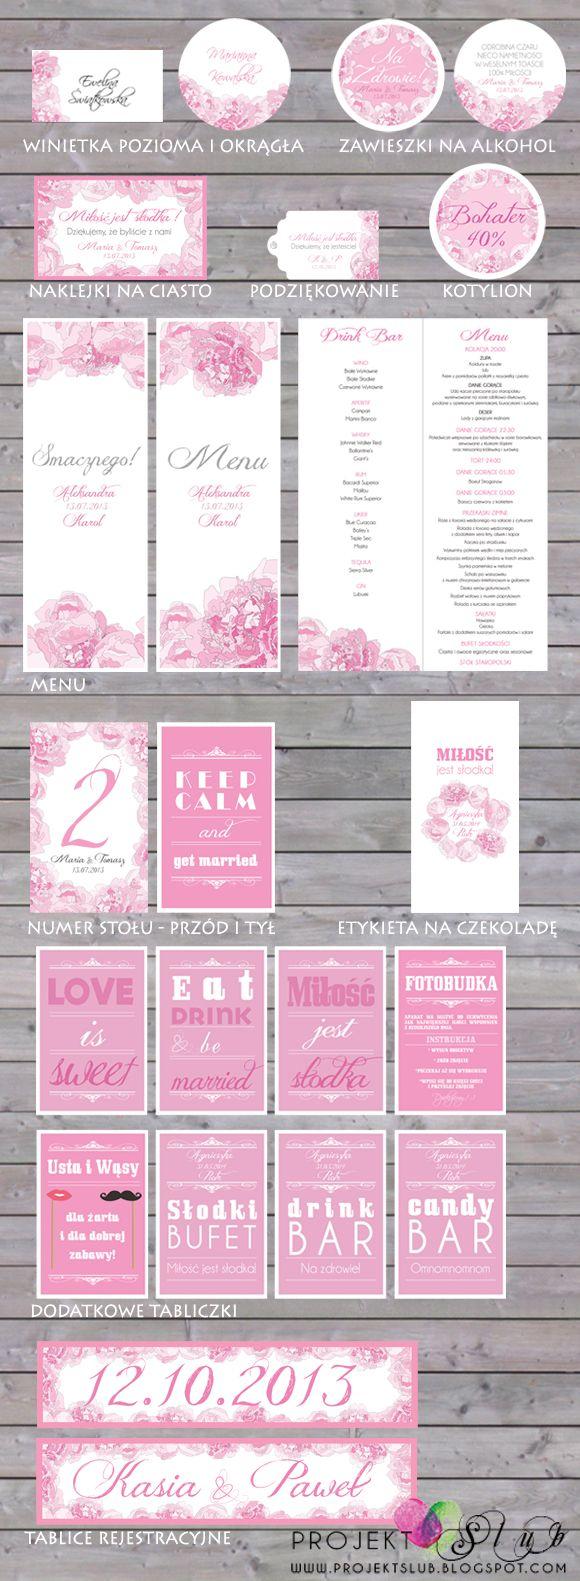 projekt ŚLUB - zaproszenia ślubne, oryginalne, nietypowe dekoracje i dodatki na wesele: PIWONIE - romantyczne i eleganckie zaproszenia i dodatki ślubne - w odcieniach różu, bieli i szarości